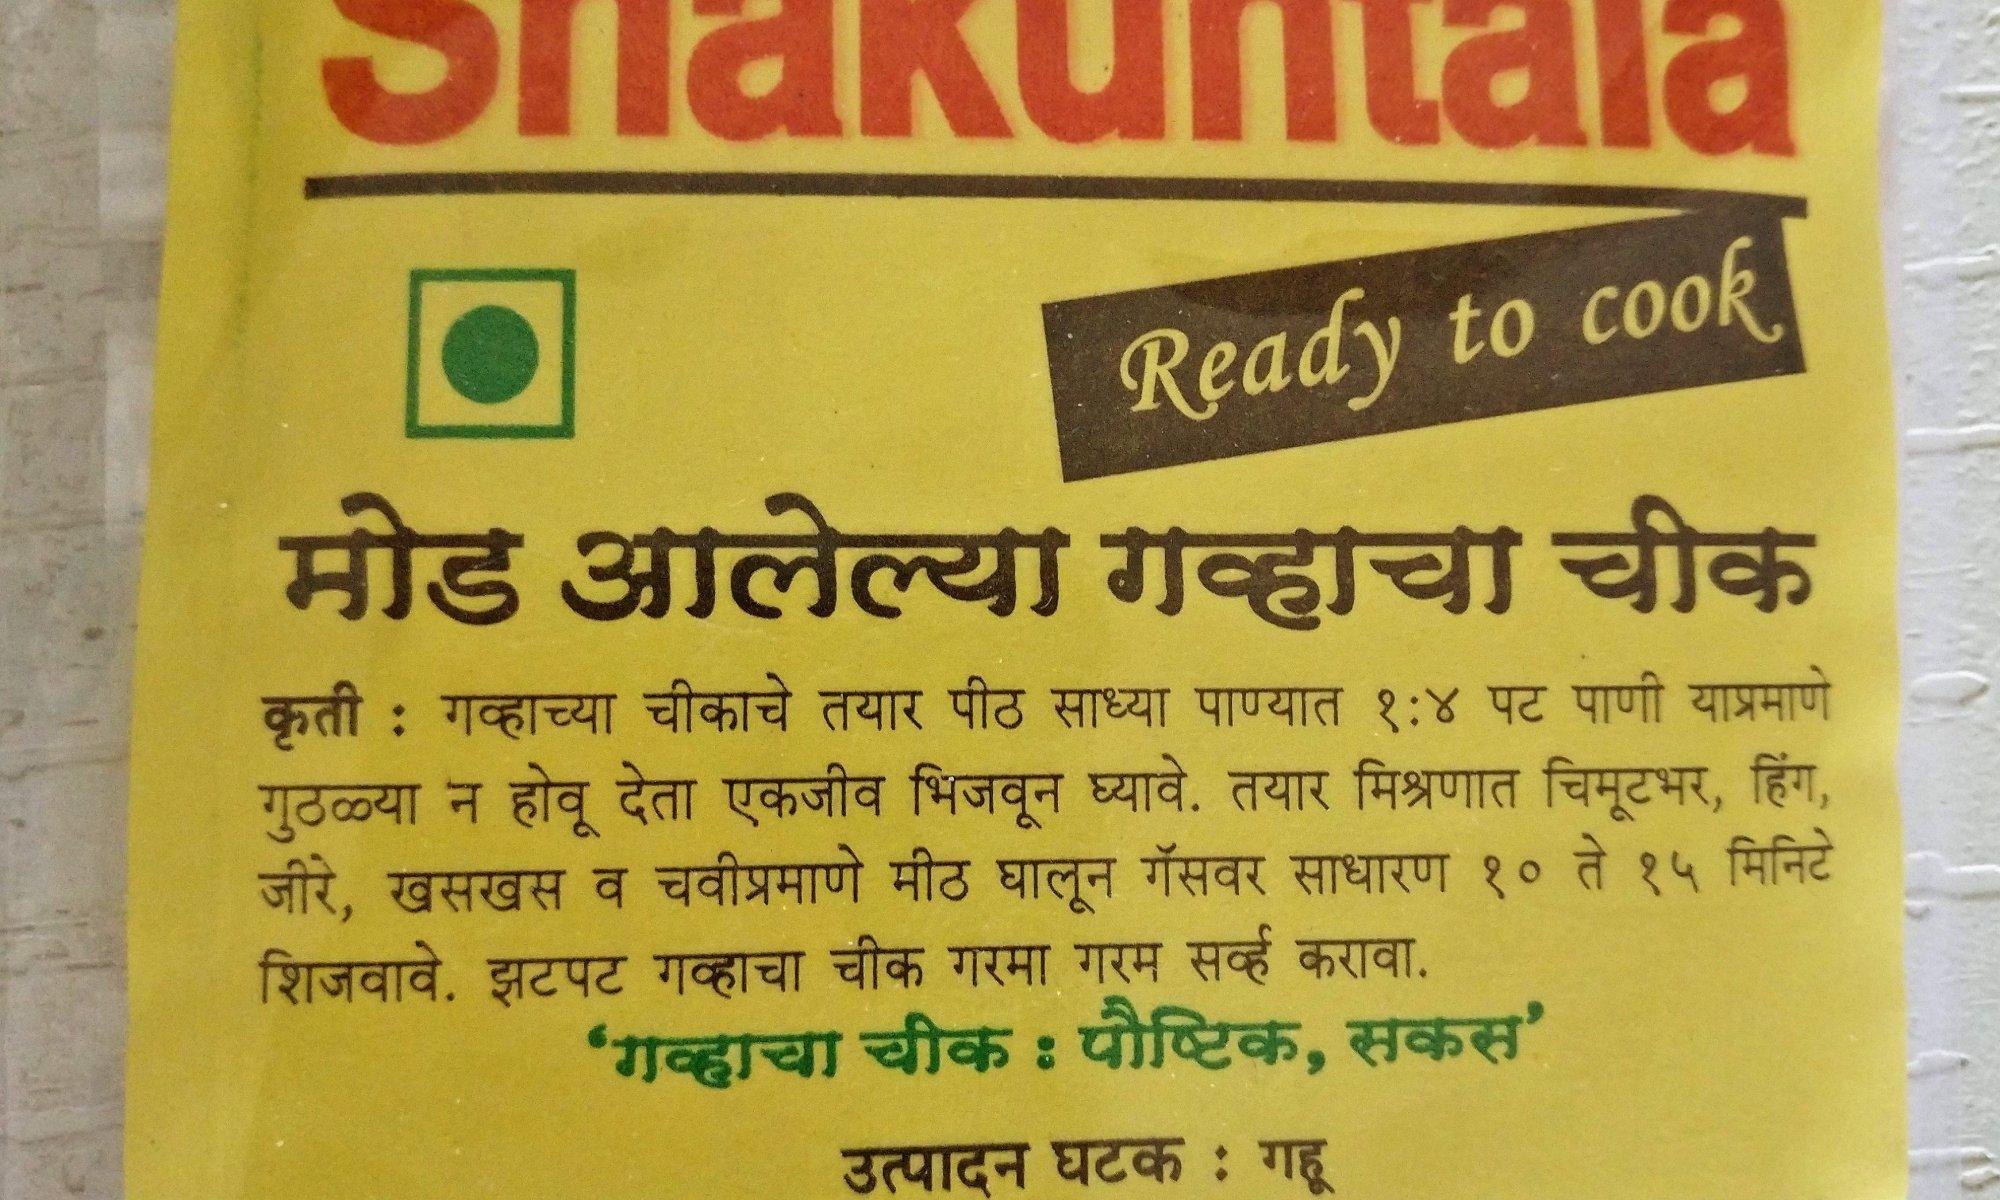 Shakuntala Food Products Mod Alelya Gavhacha Chik